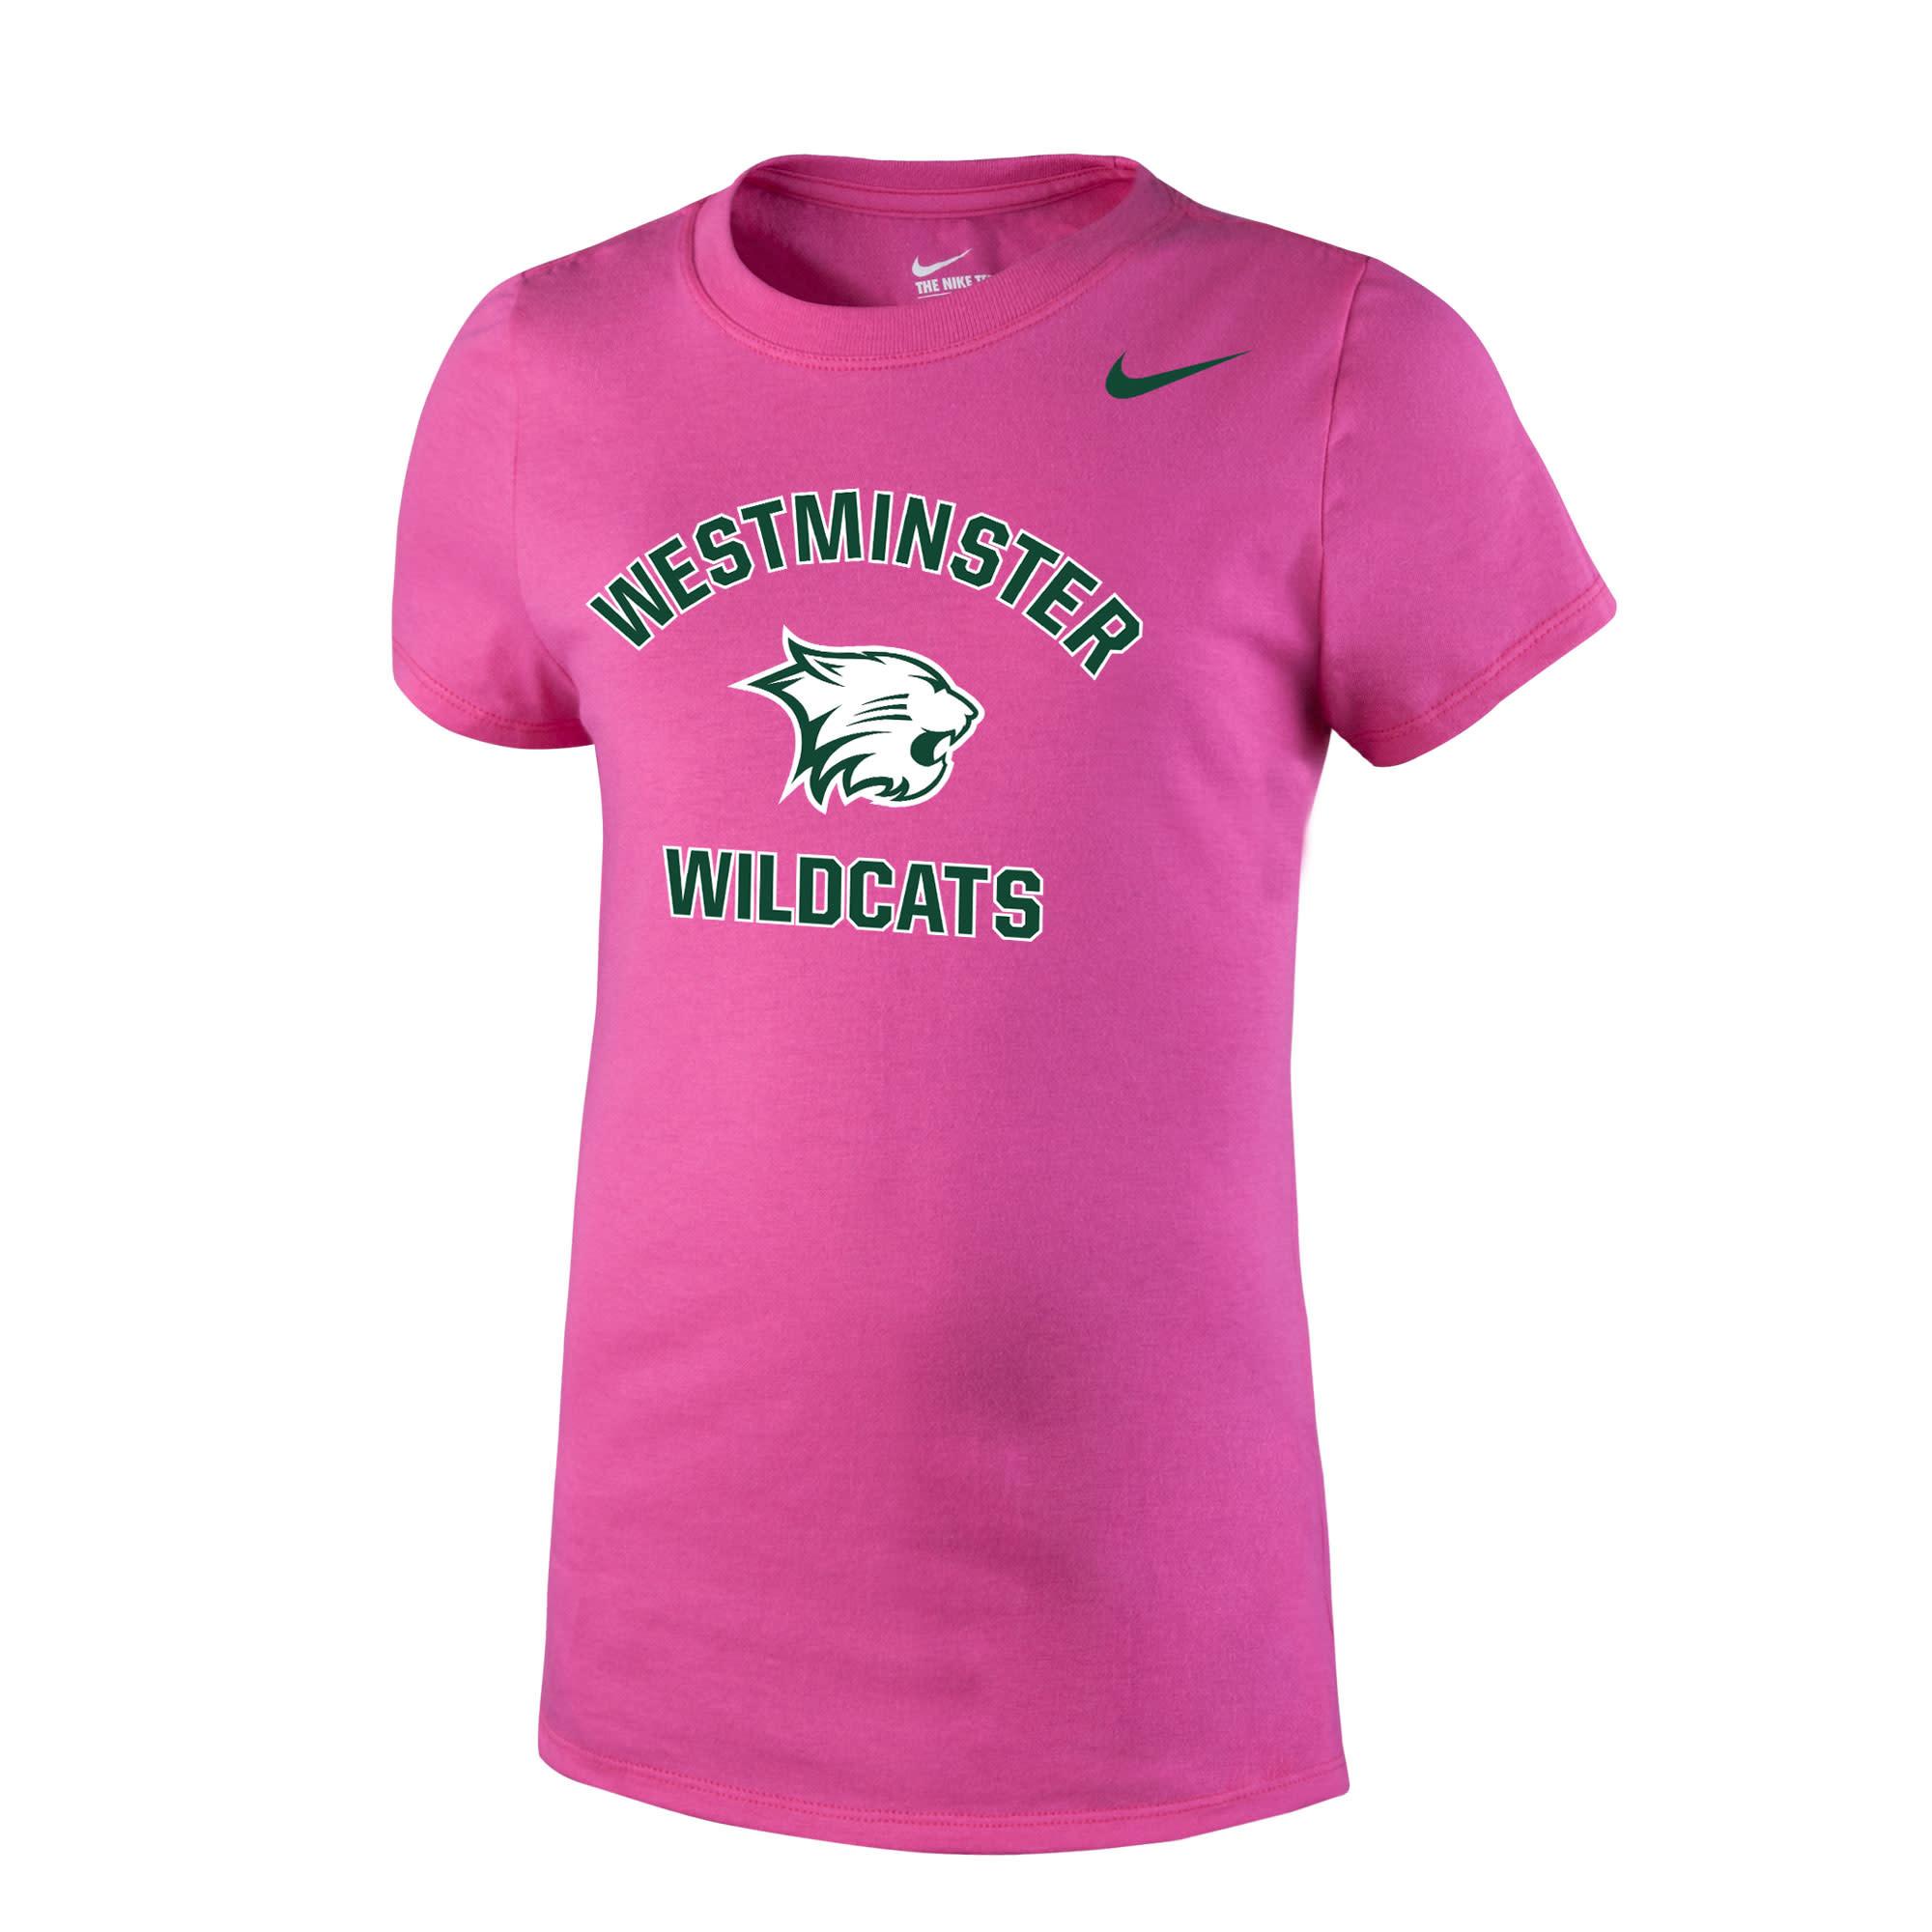 Nike T: Nike Girls Vivid Pink